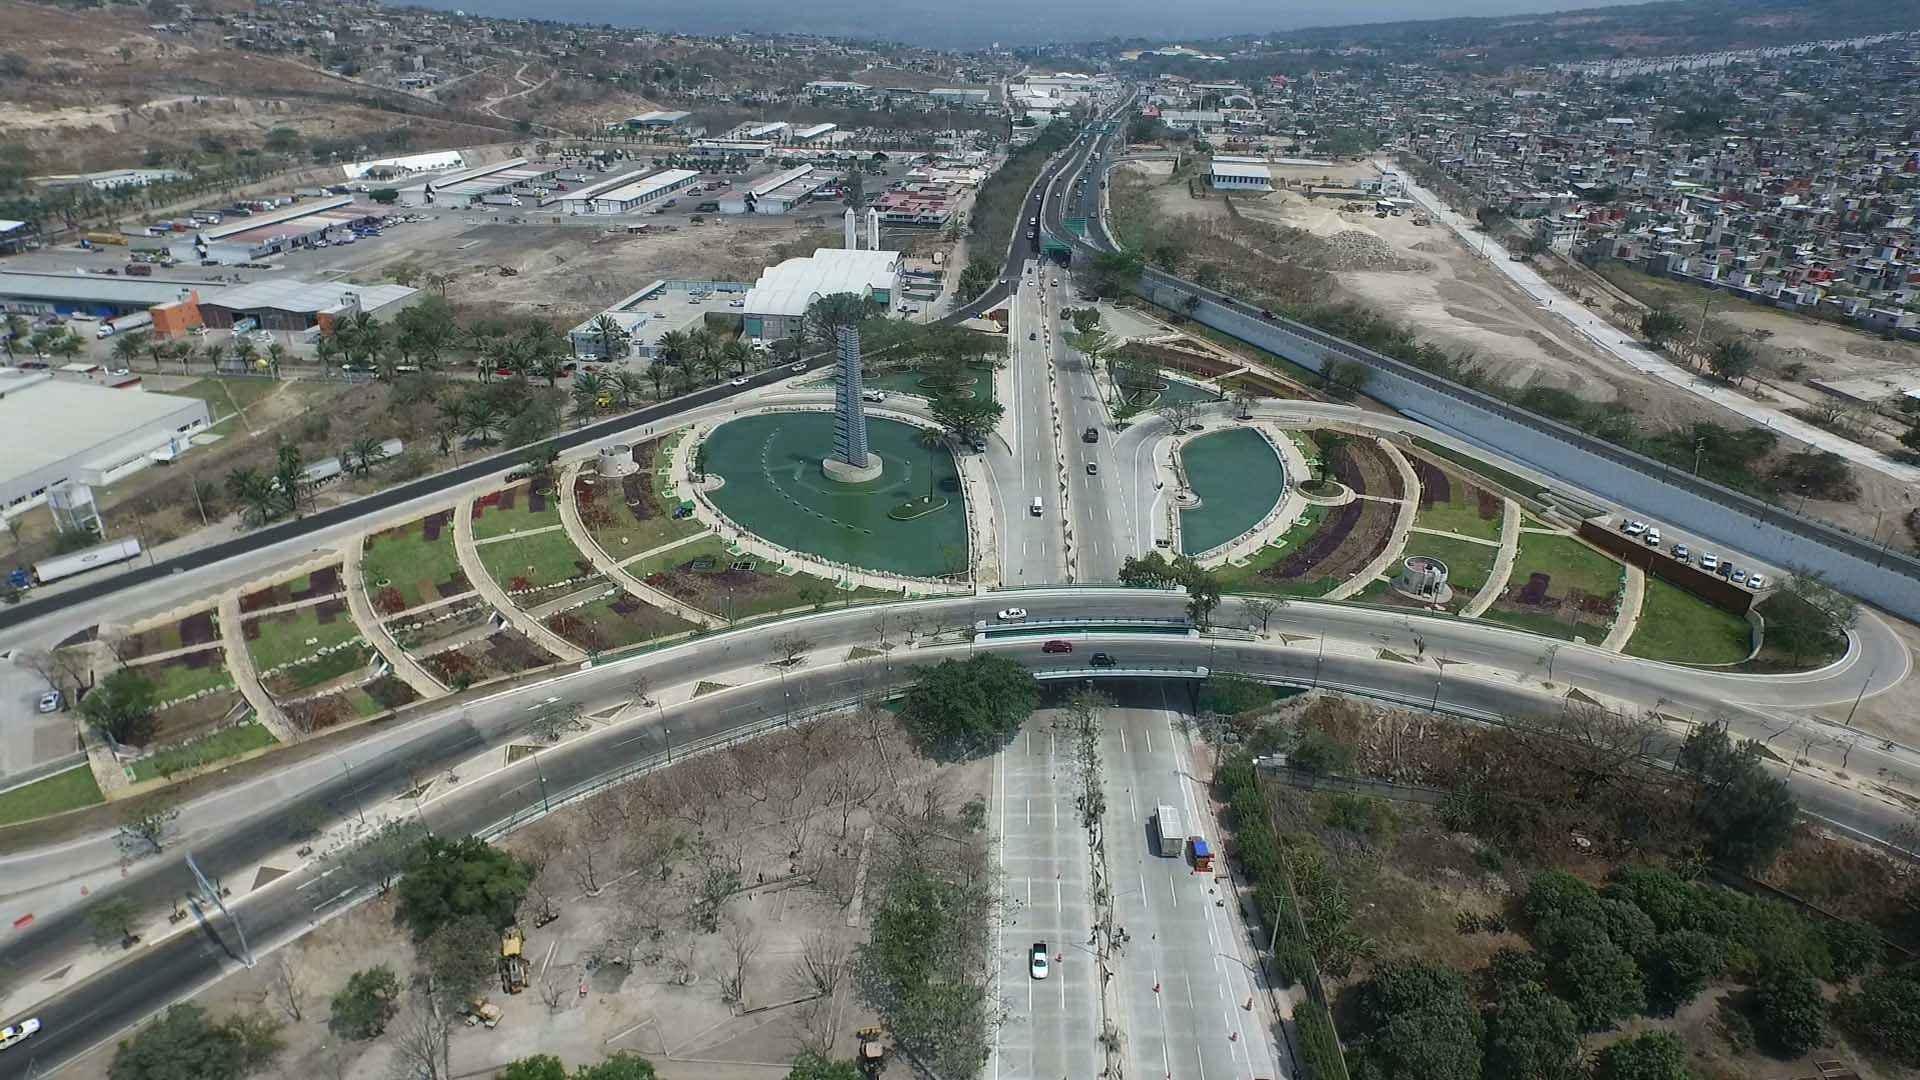 Mejoran movilidad en Tuxtla Gutiérrez con libramientos carreteros